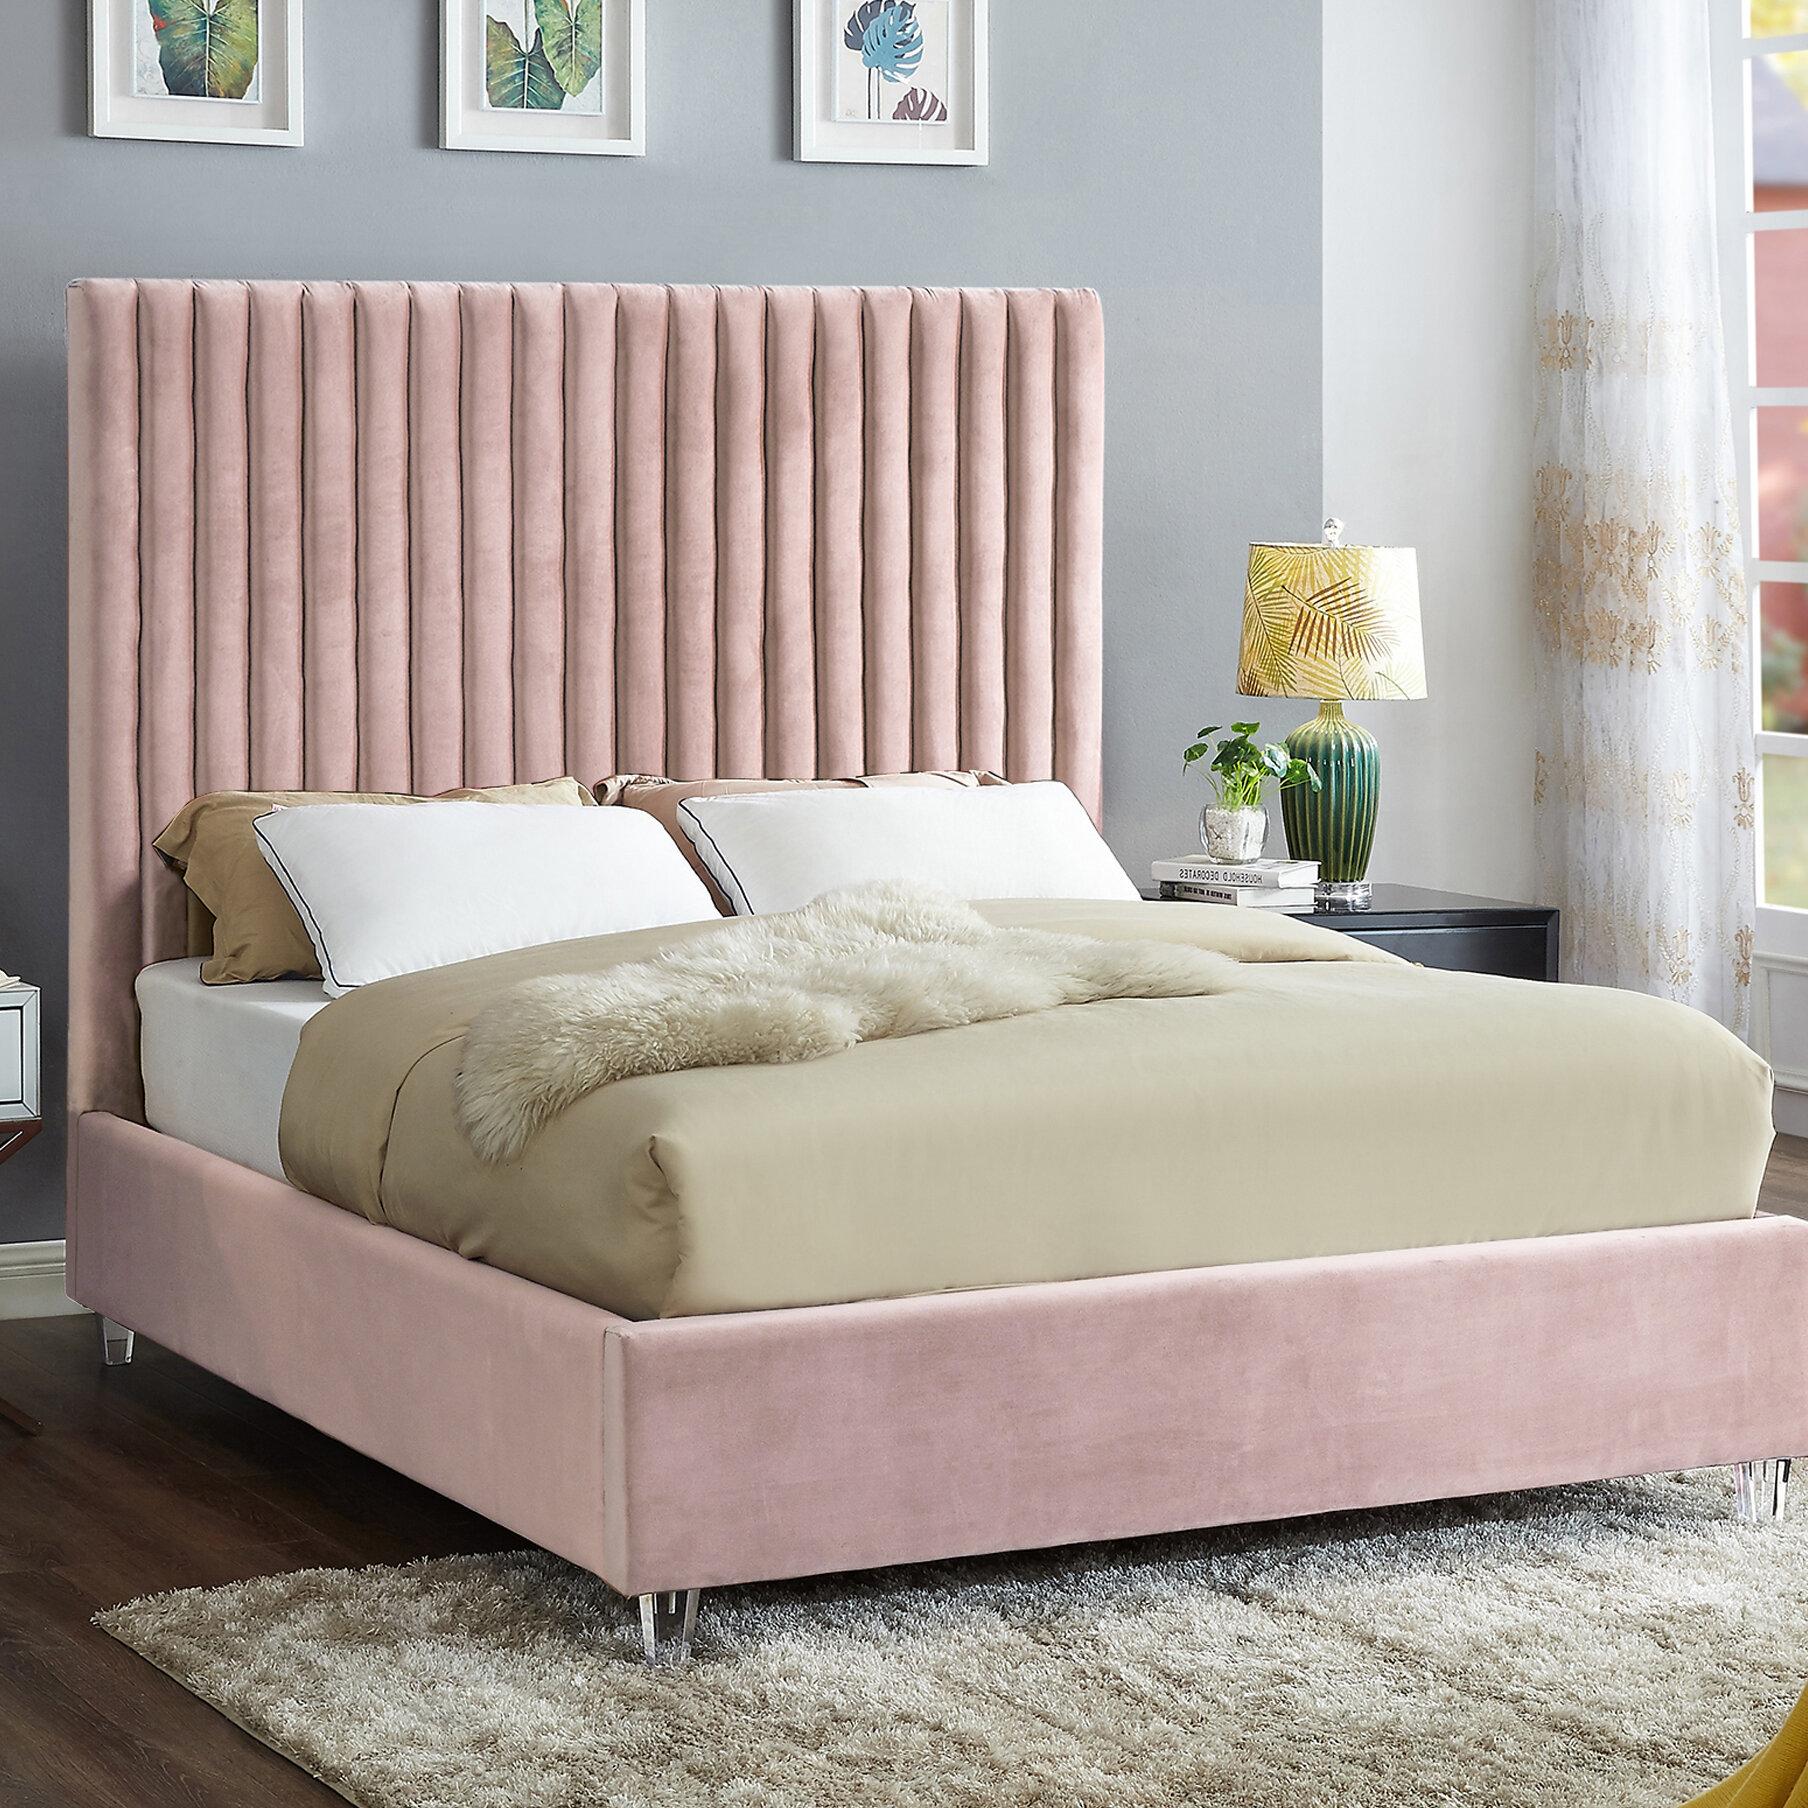 Everly quinn fuiloro velvet upholstered platform bed reviews wayfair